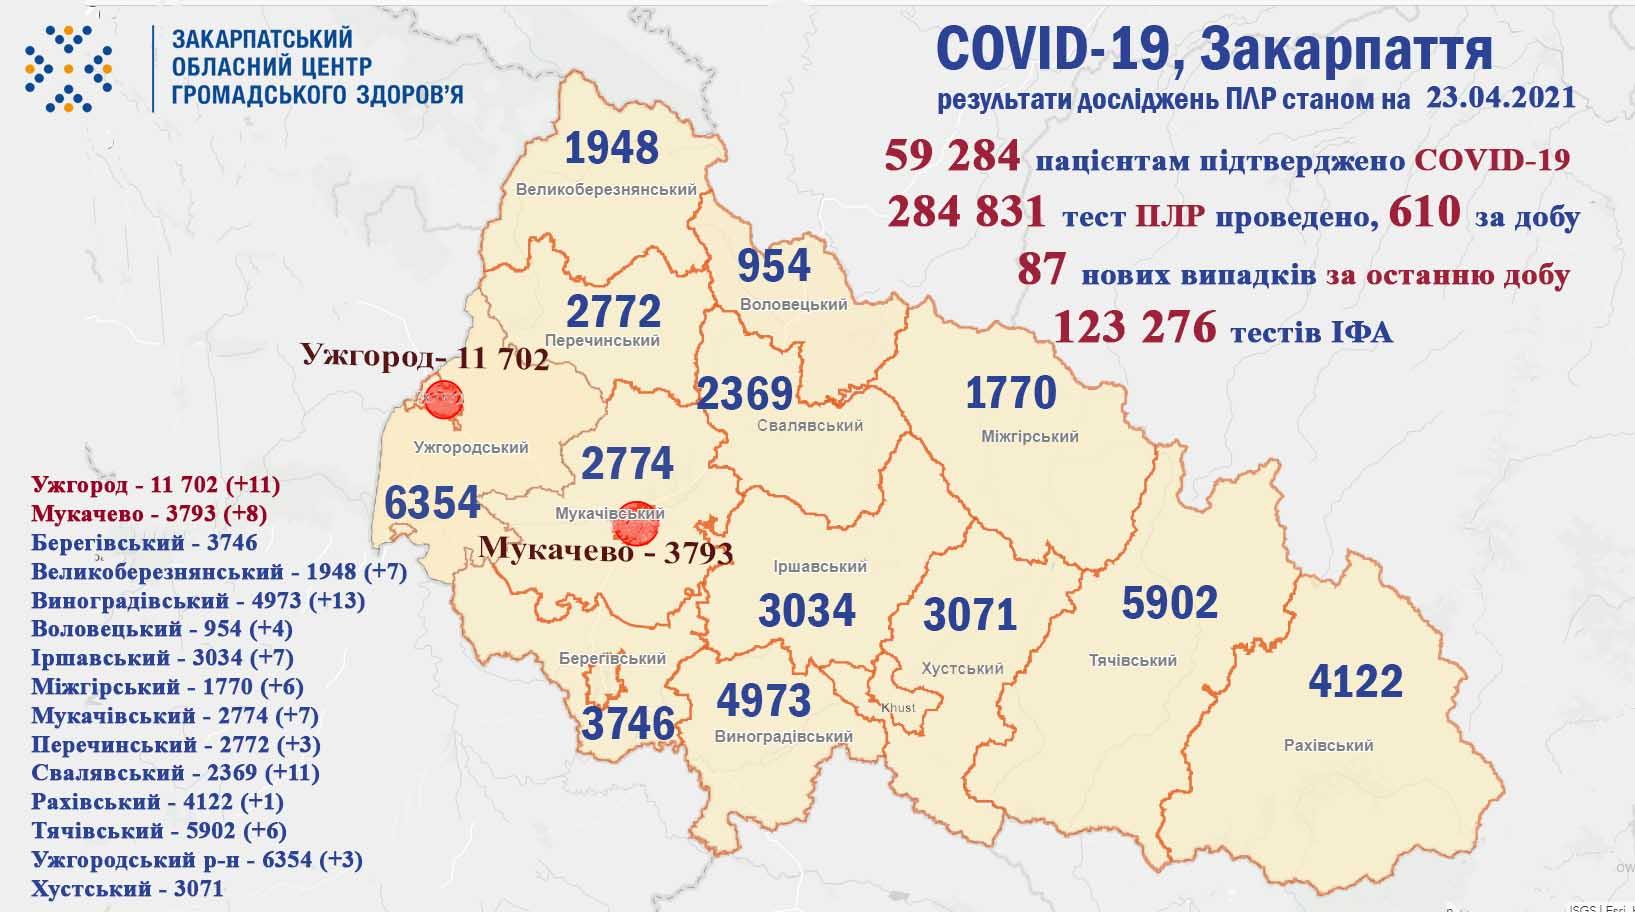 Протягом доби на Закарпатті виявлено 87 випадків COVID-19